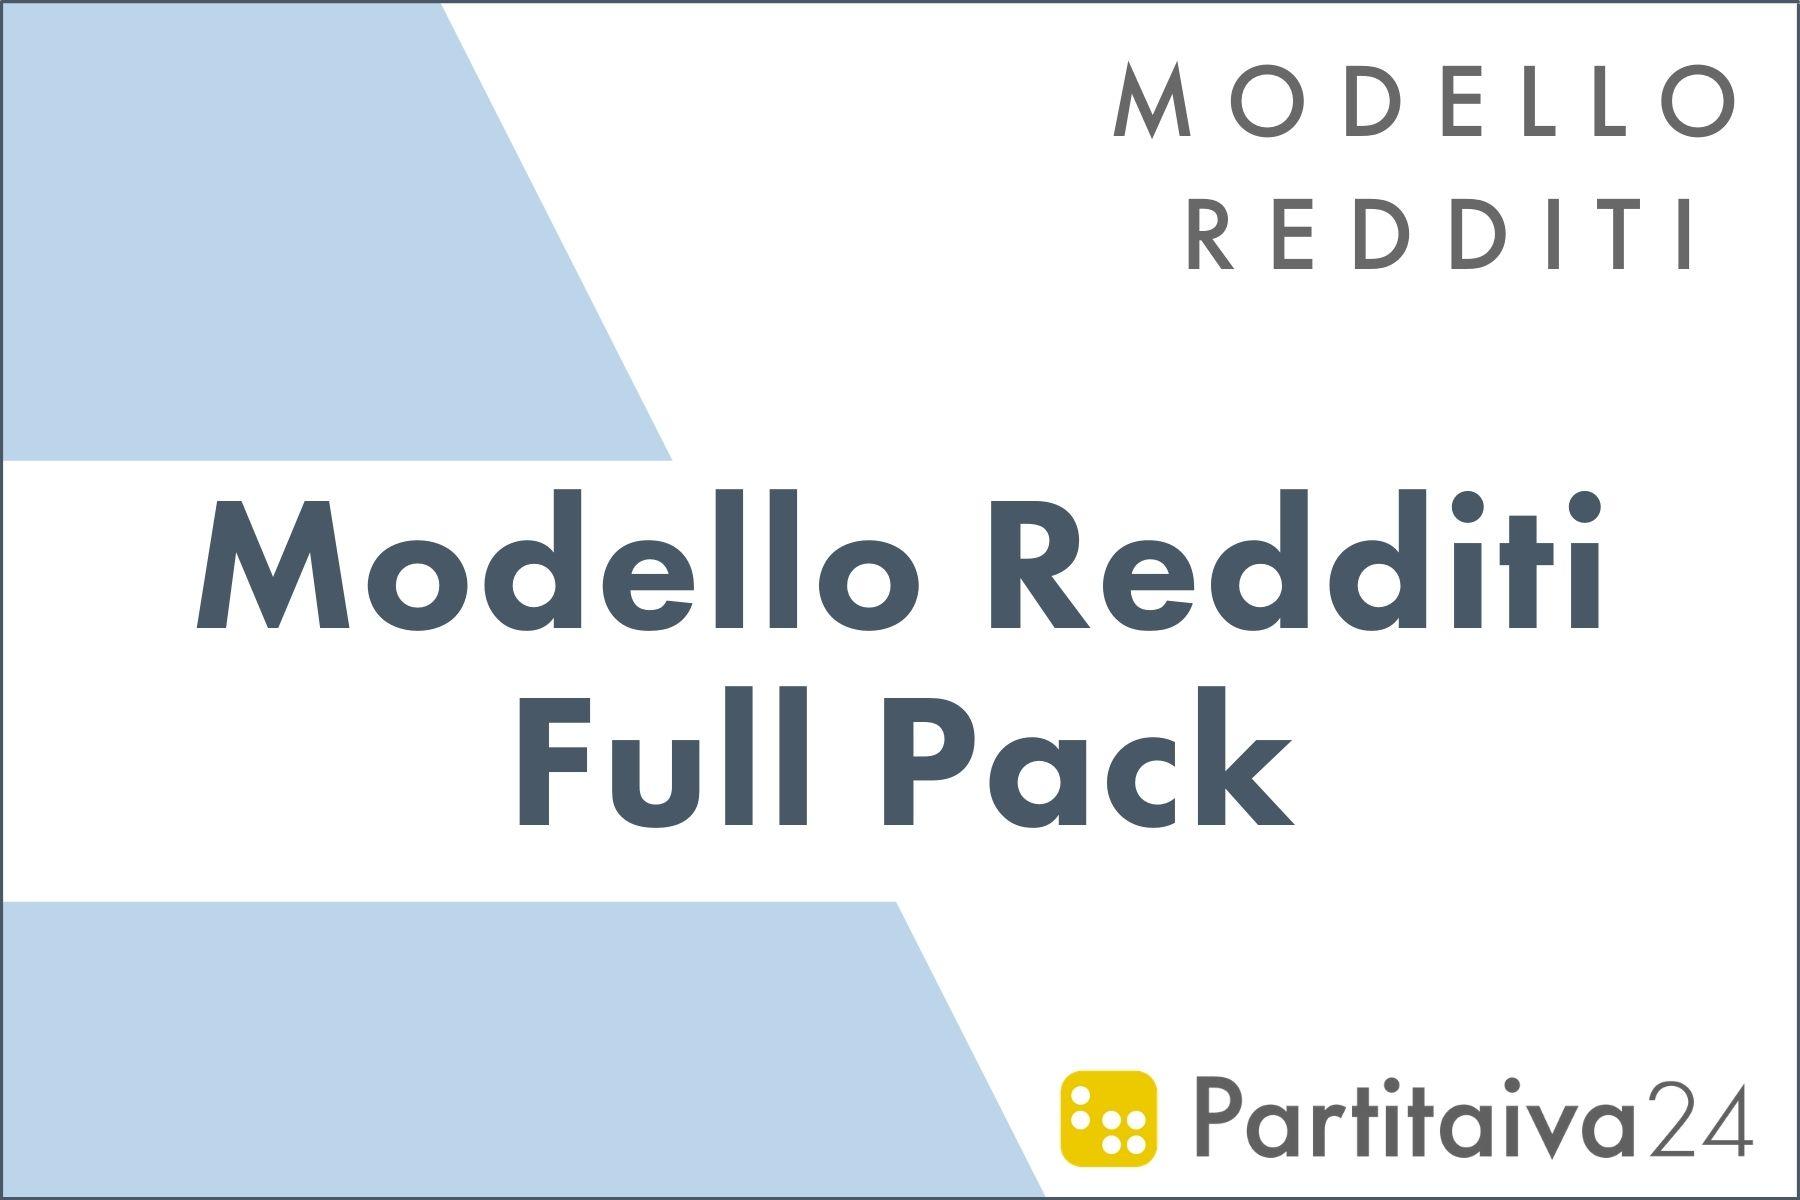 modello redditi full pack